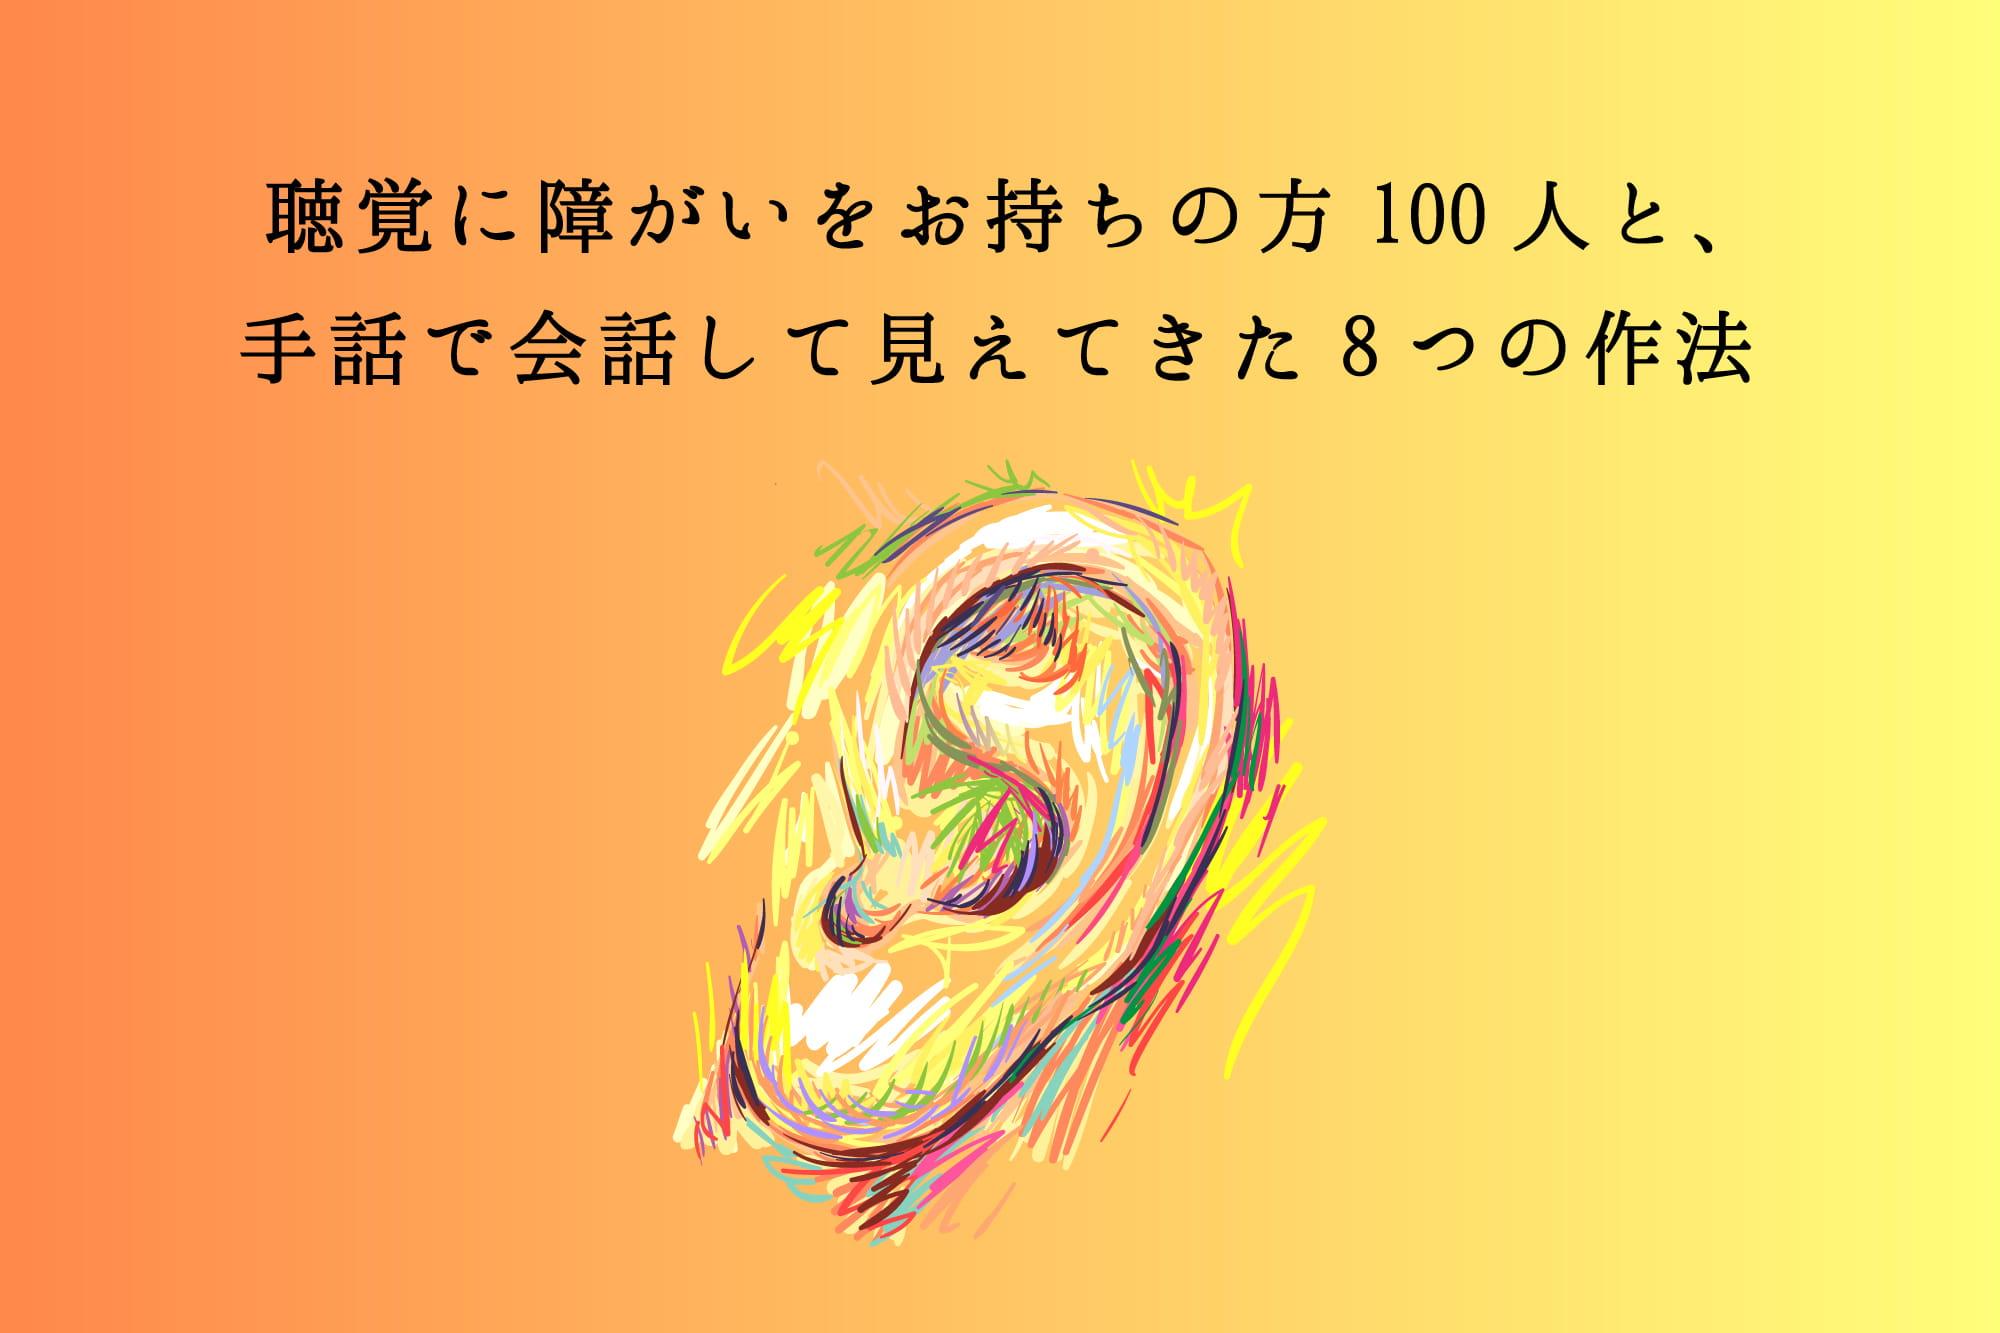 聴覚に障がいをお持ちの方100人と、手話で会話して見えてきた8つの作法